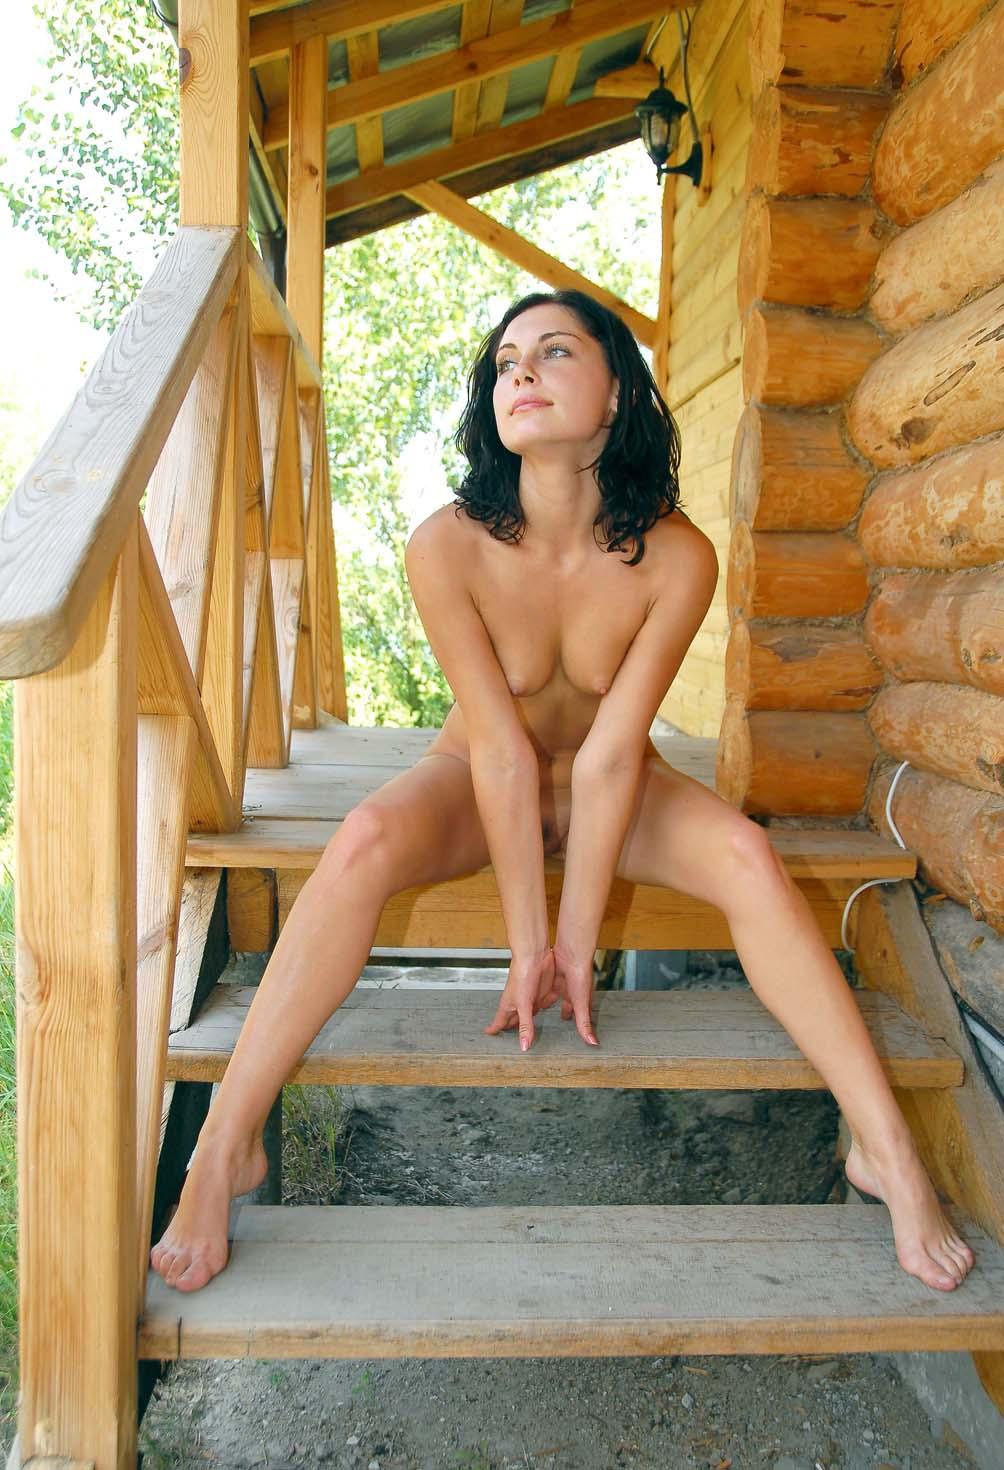 Юленька разделась у баньки (окончание) 20 фото